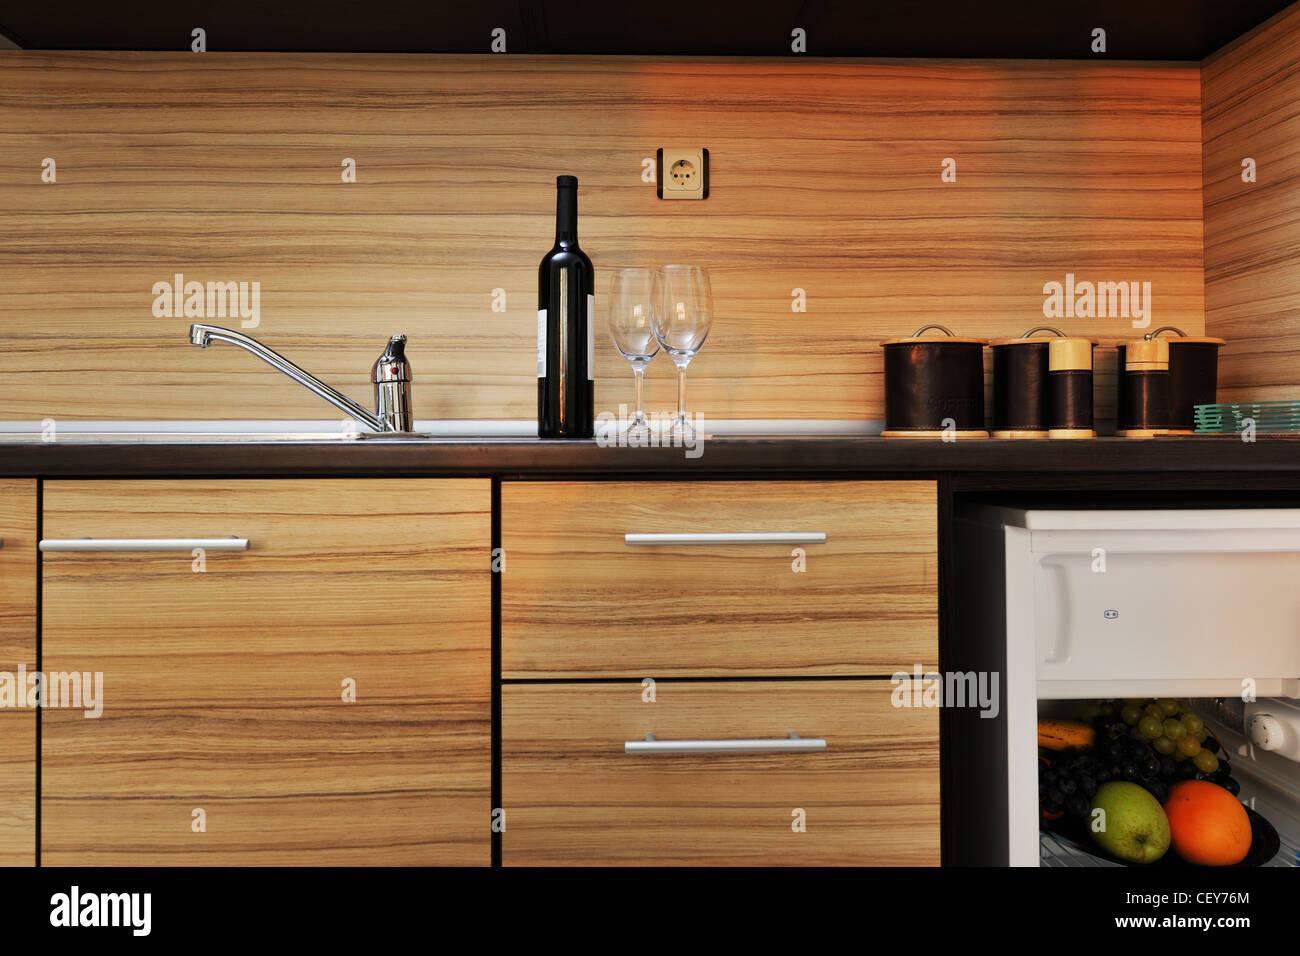 Cucina moderna con mobili in legno con lavandino, frullatore e frigo Immagini Stock